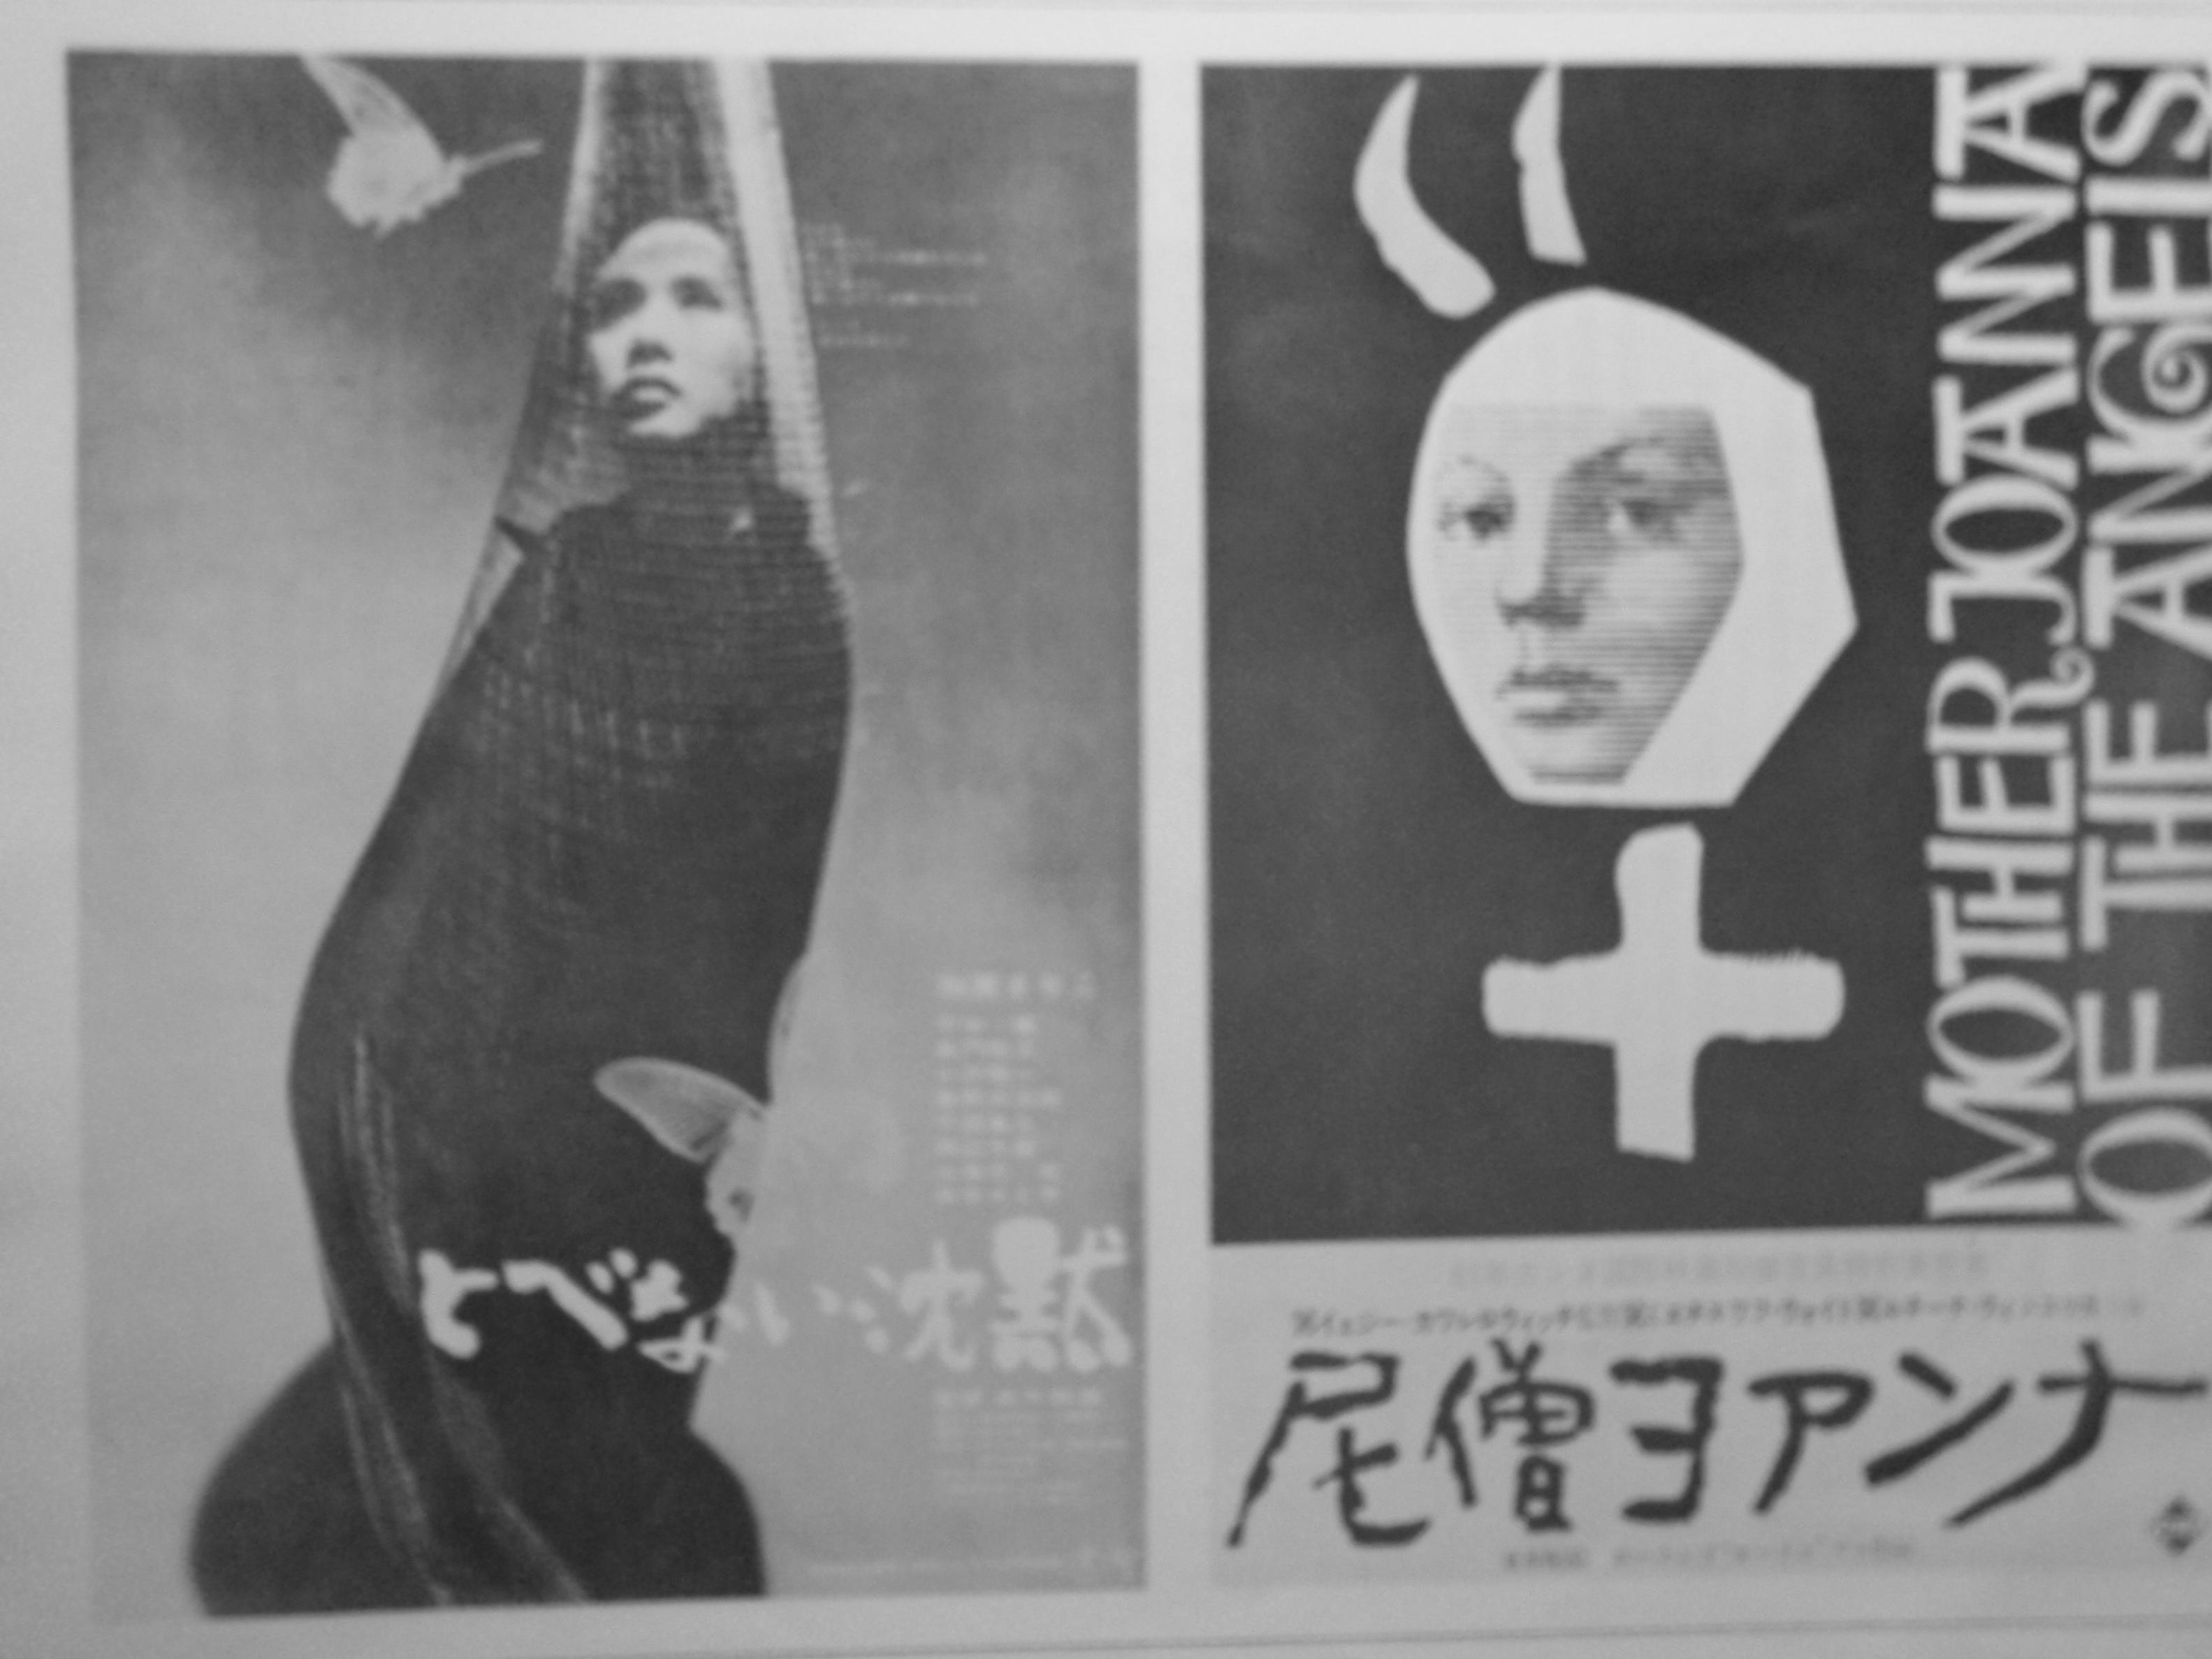 とべない沈黙2 (2).jpg